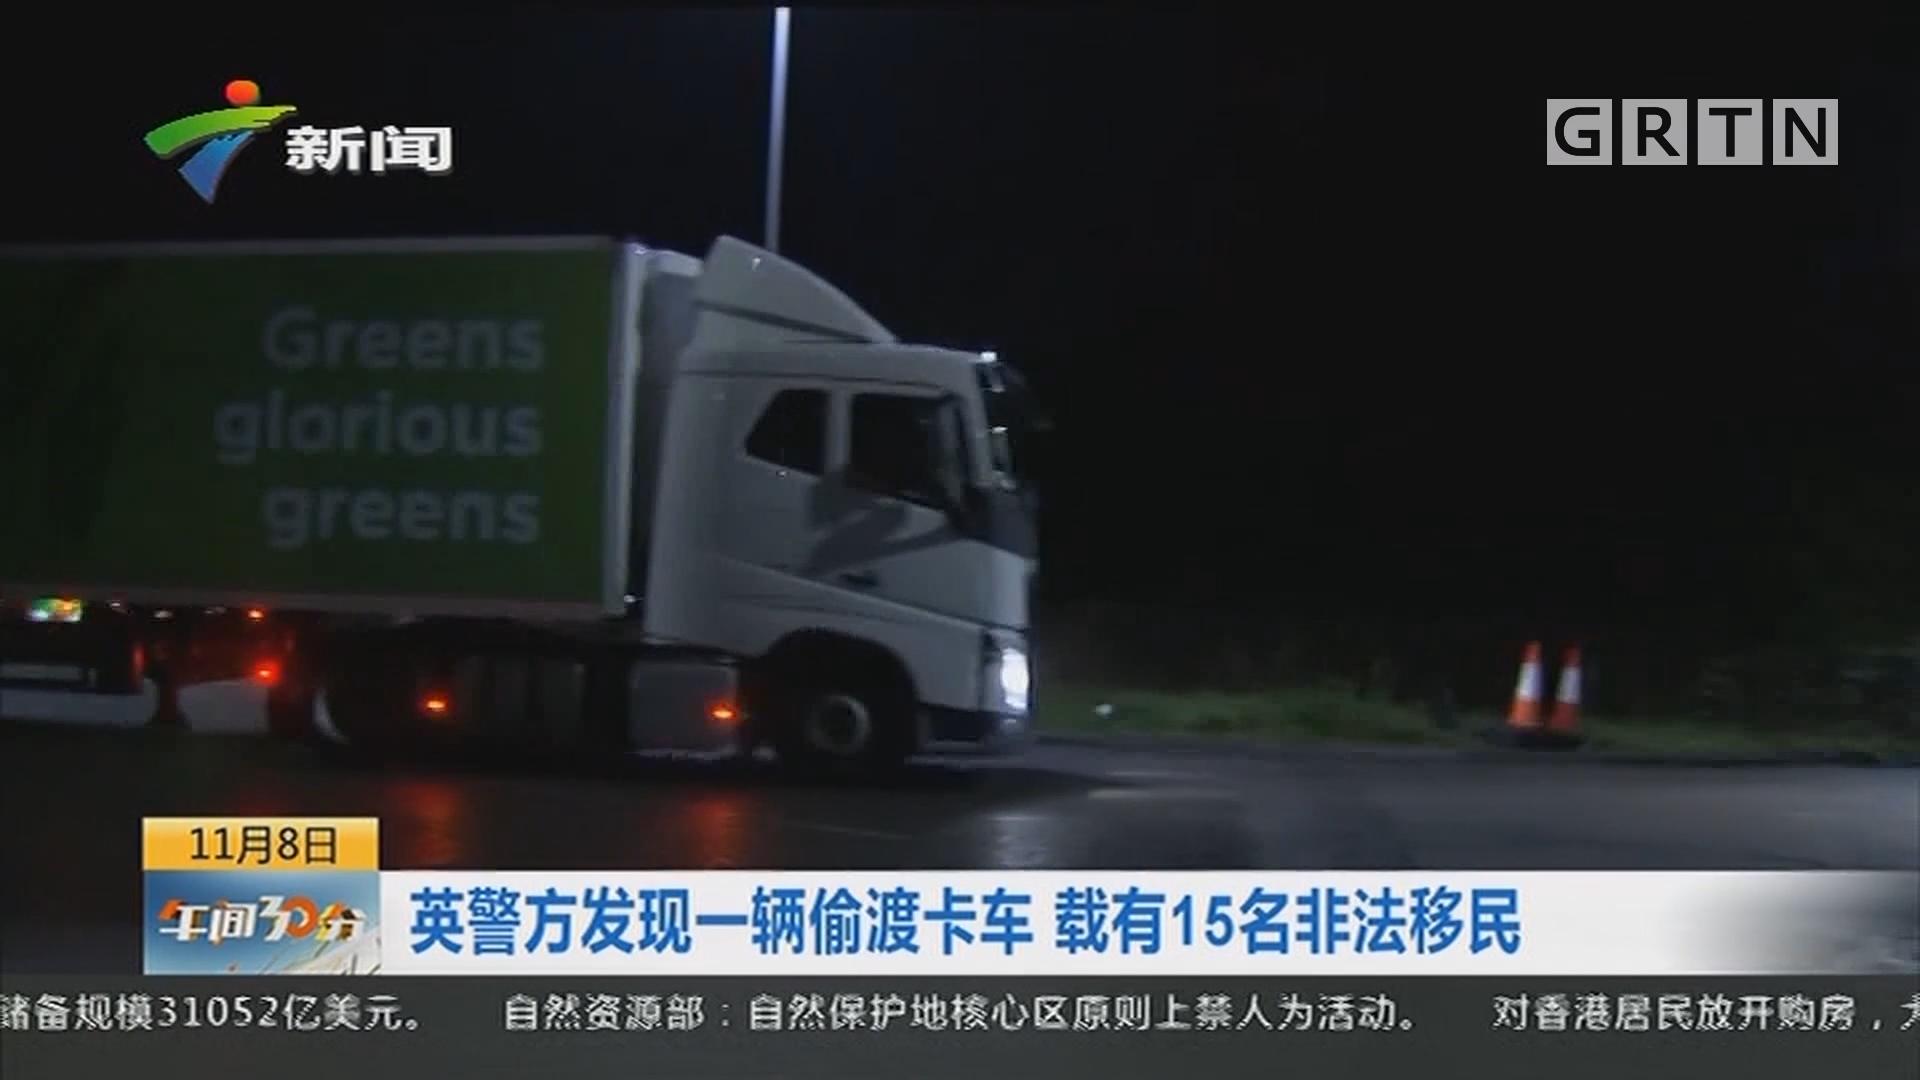 英警方发现一辆偷渡卡车 载有15名非法移民